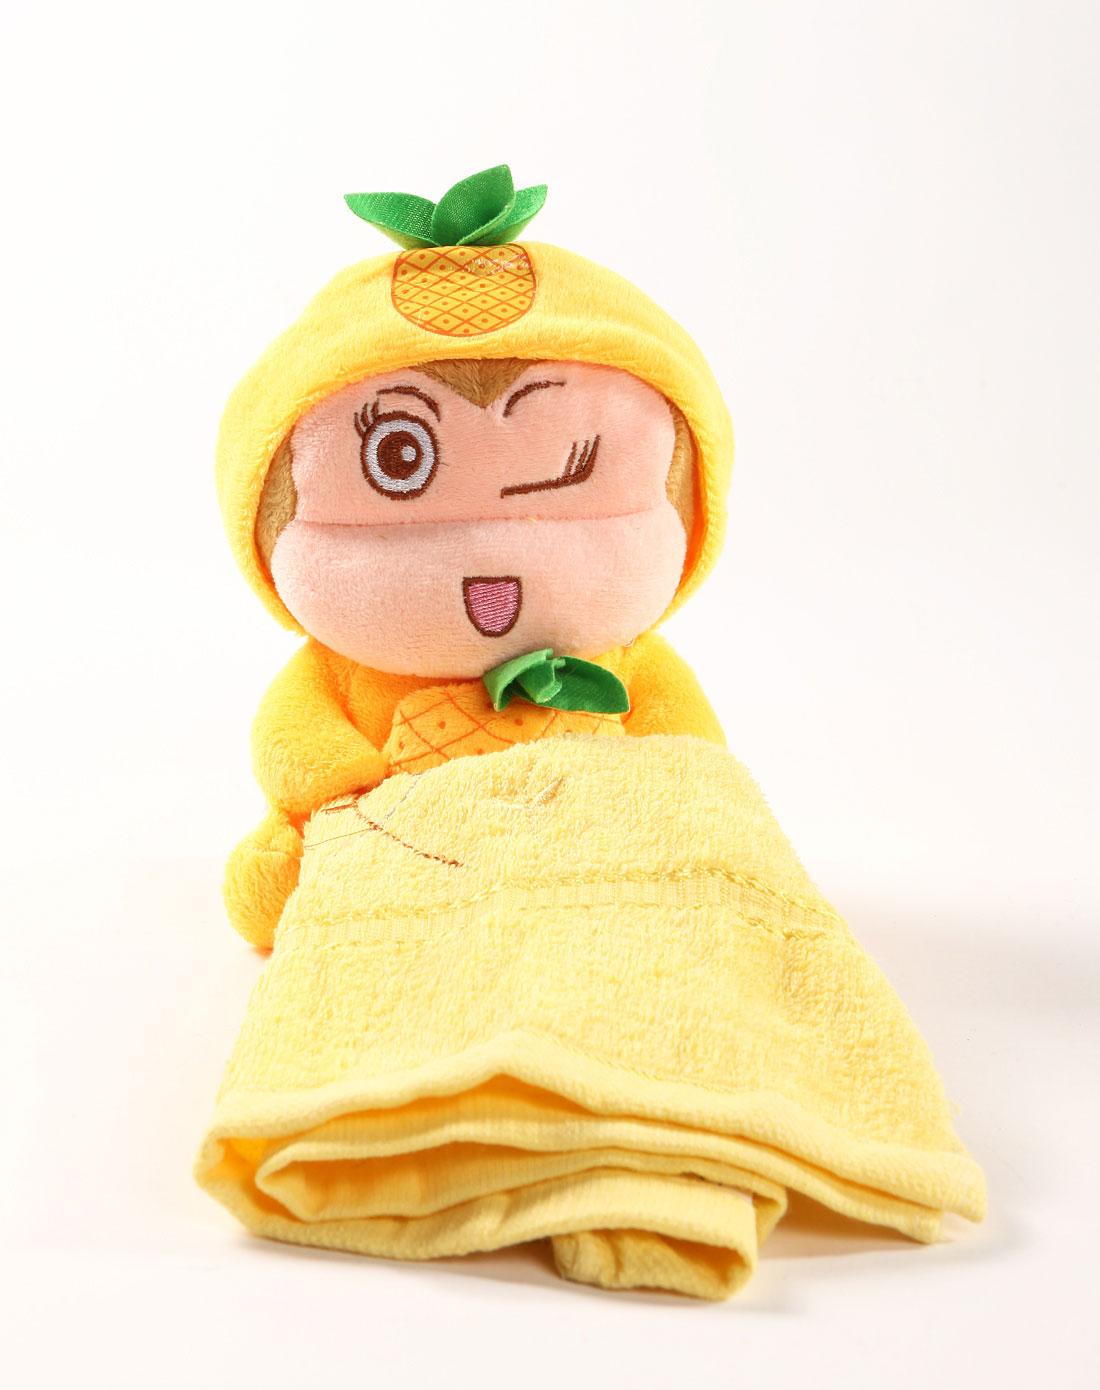 黄色卡通宝贝系列动物造型水果猴毛巾挂架(附毛巾)